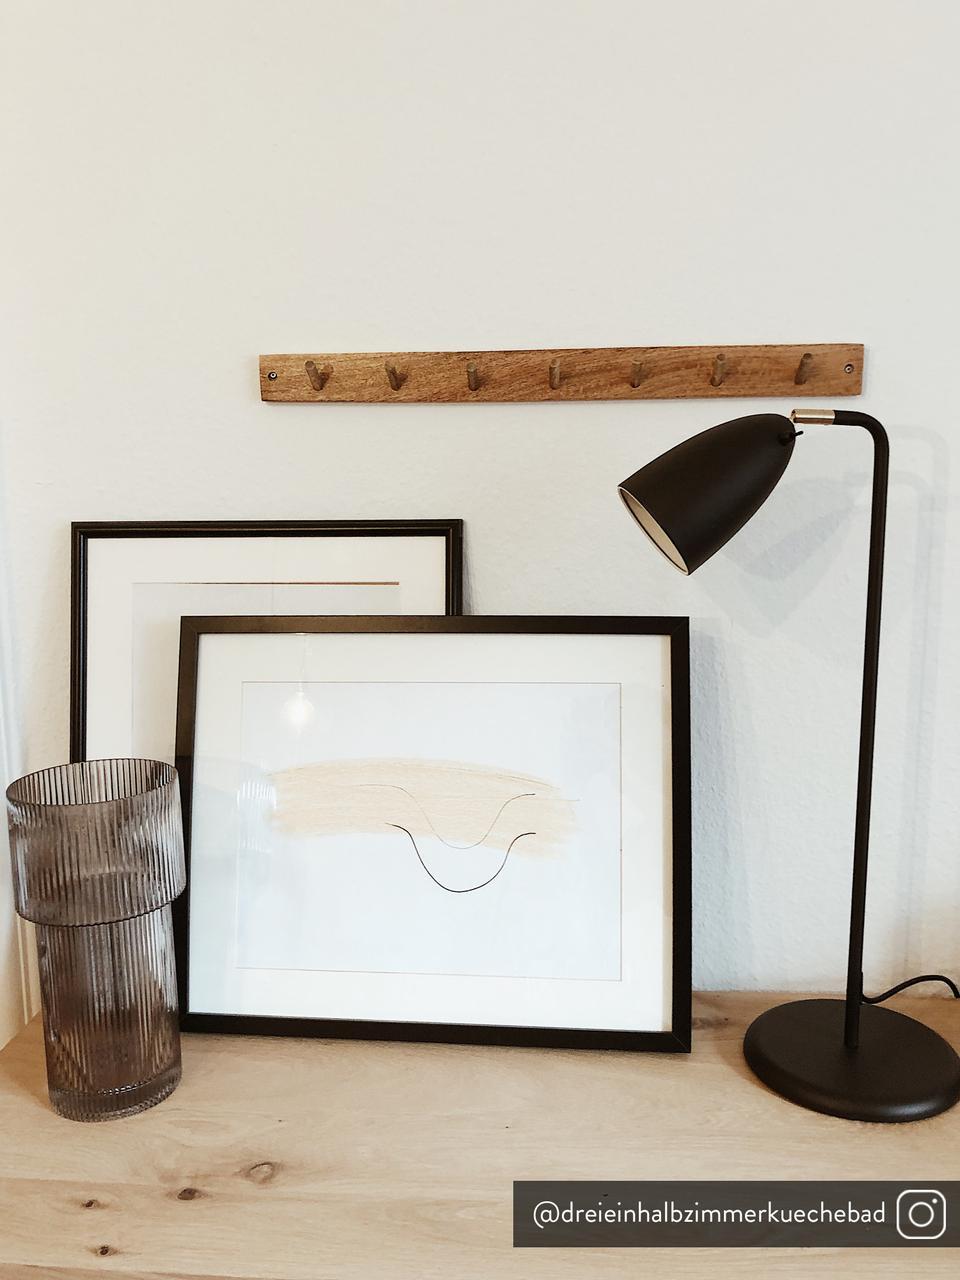 Große Schreibtischlampe Nexus aus Metall, Lampenschirm: Metall, pulverbeschichtet, Lampenfuß: Metall, pulverbeschichtet, Dekor: Metall, vermessingt, Schwarz, 28 x 63 cm